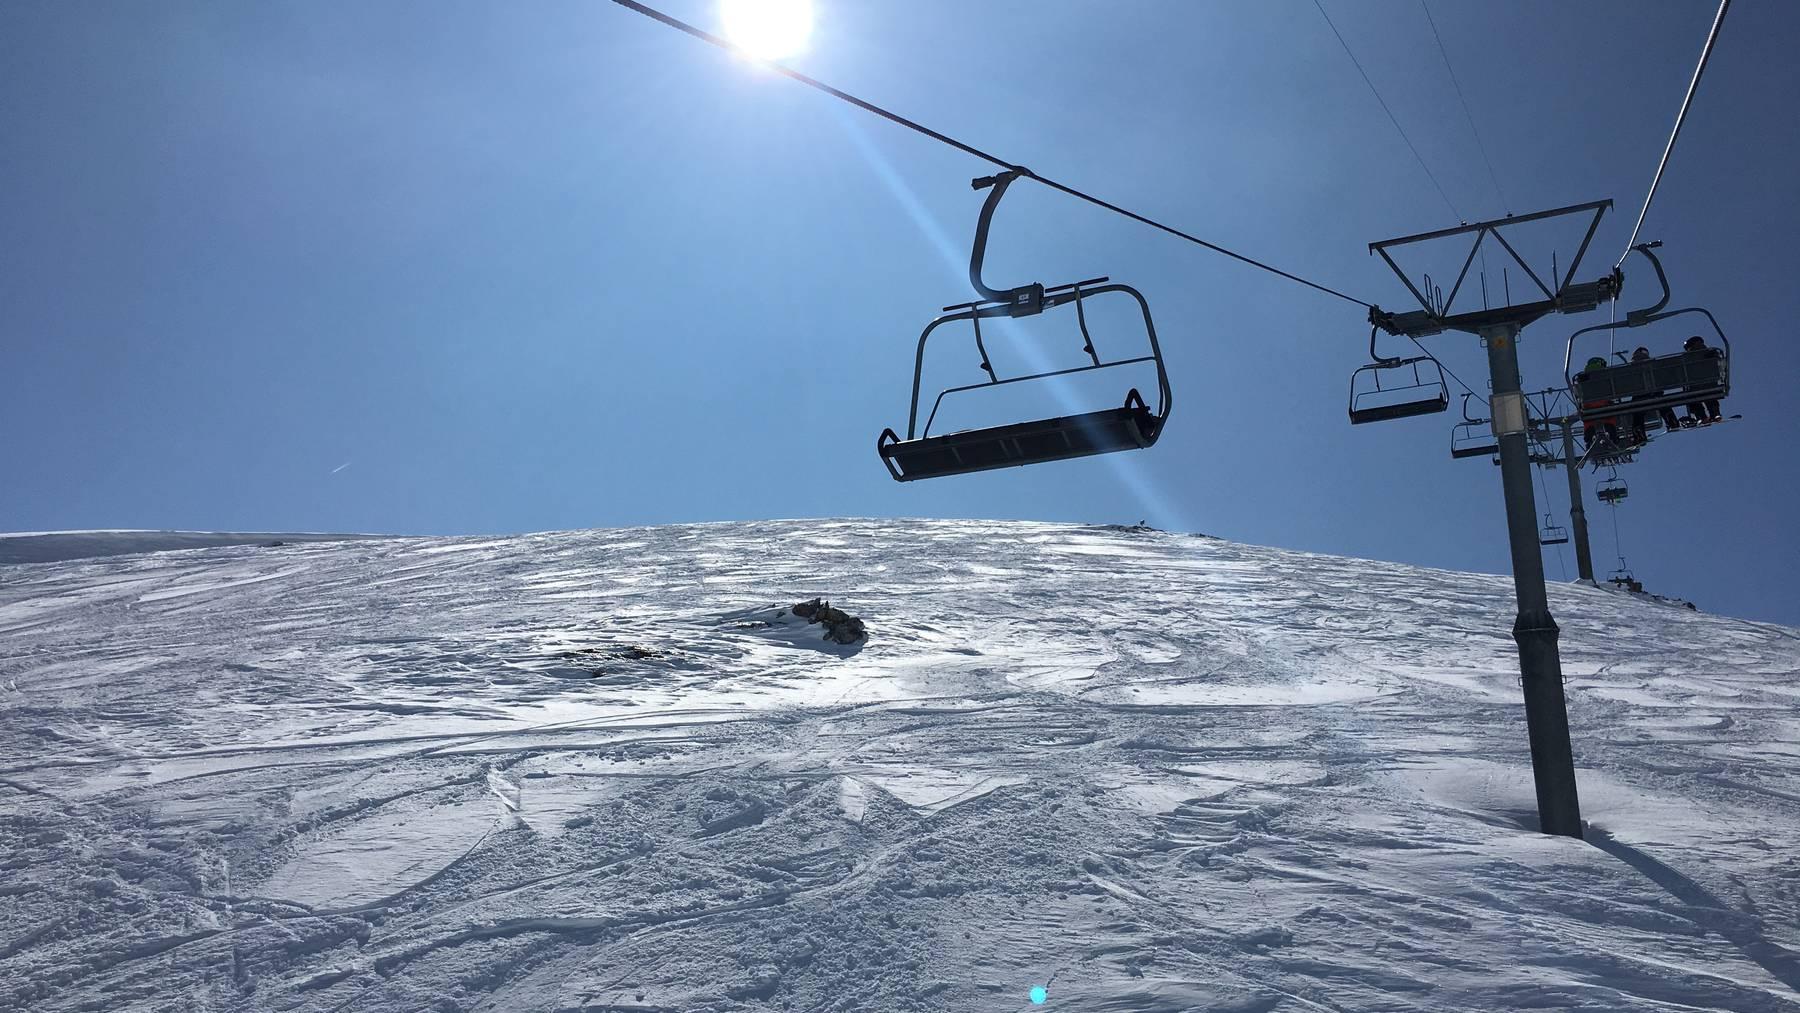 Skigebiete freuen sich über Besucherrekorde